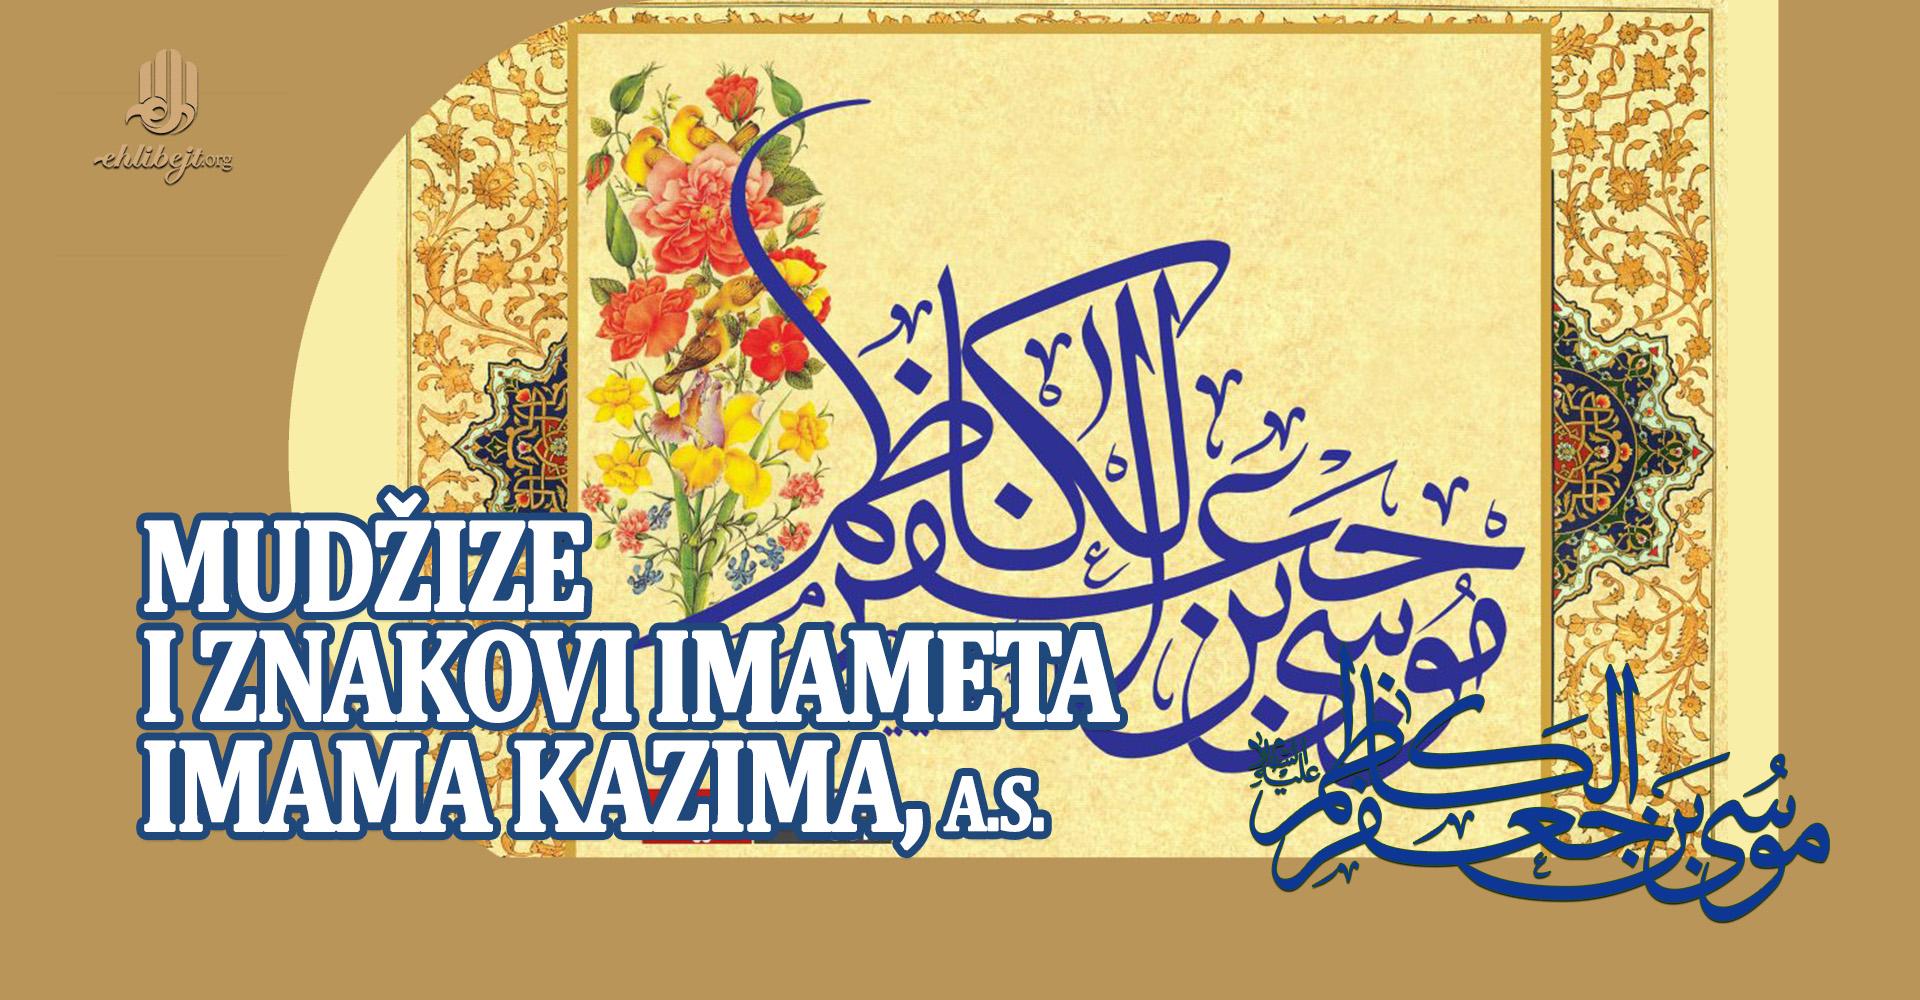 Poglavlje o mudžizama i znakovima imameta Imama Kazima, a.s.